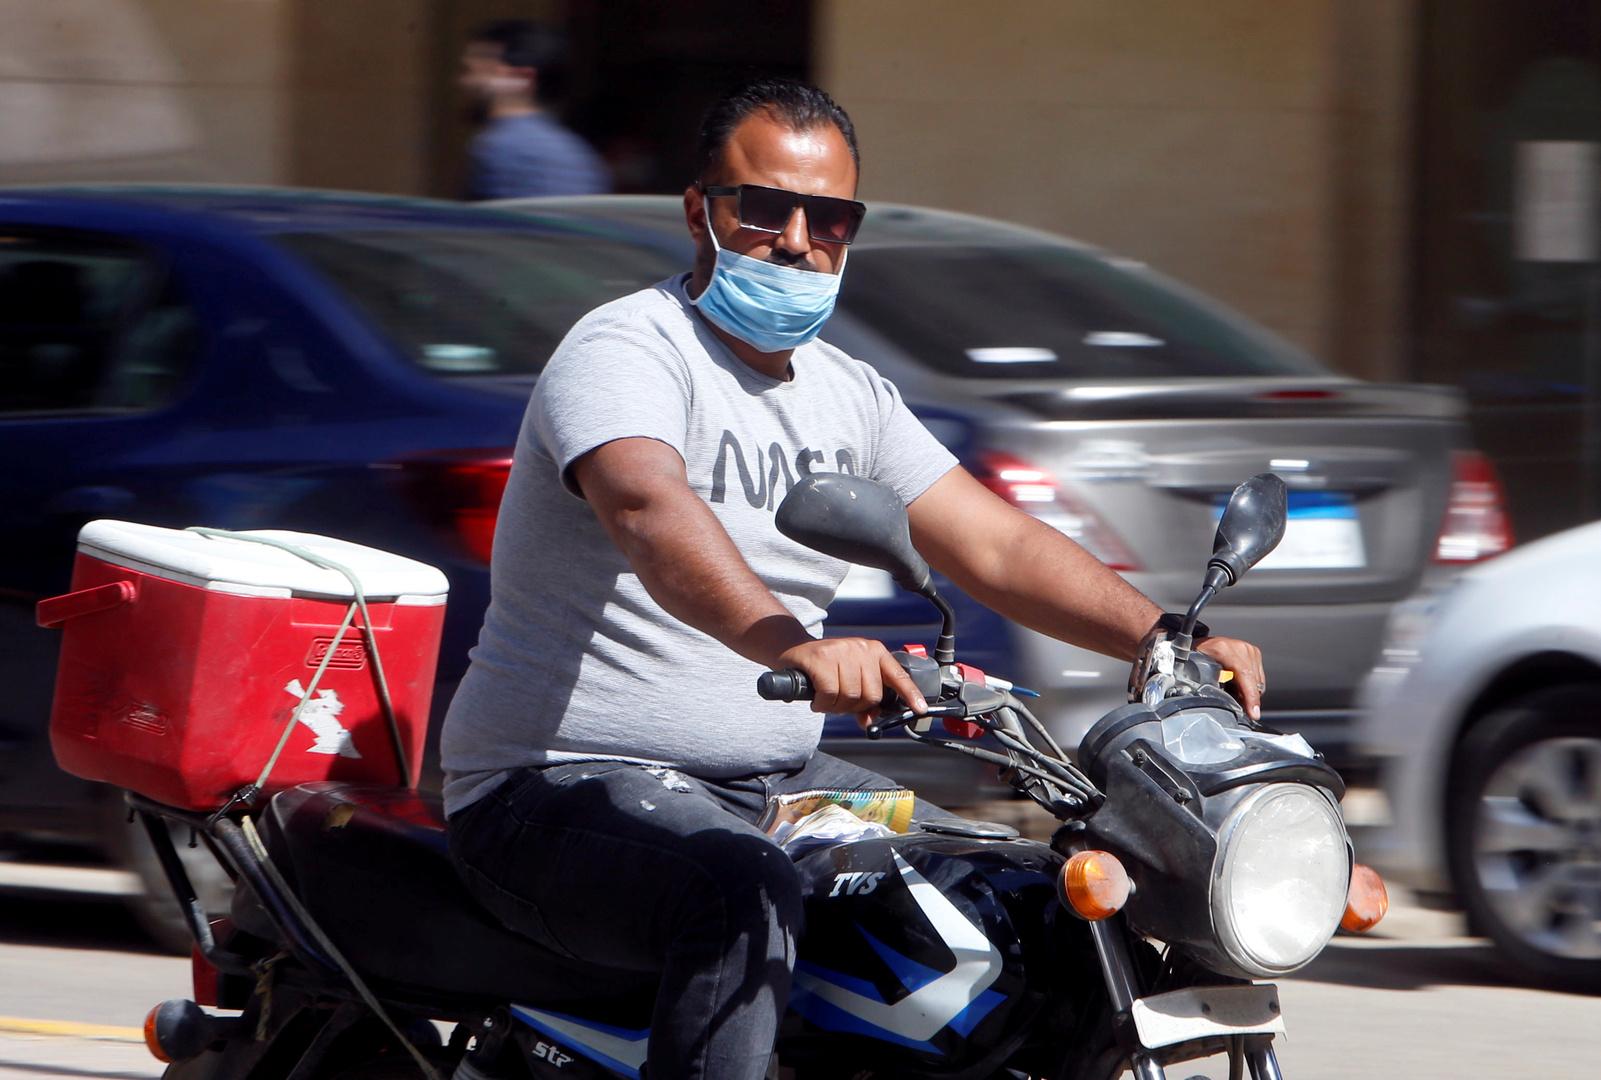 مصر تعلن خلو محافظتين من فيروس كورونا لأول مرة منذ بدء الجائحة